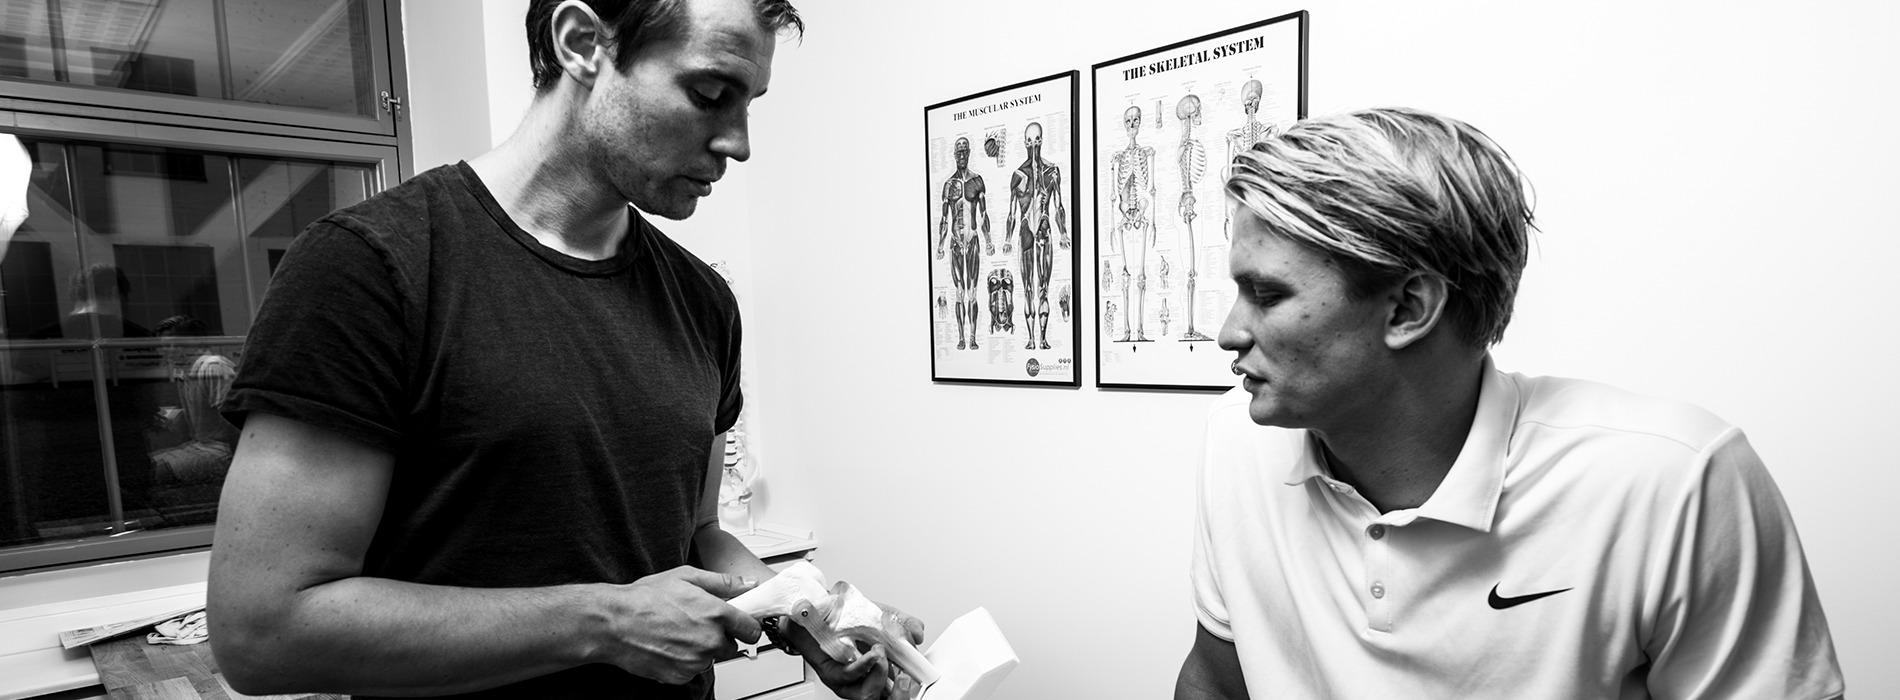 Få professionel rådgivning hos Sportsfysioterapien